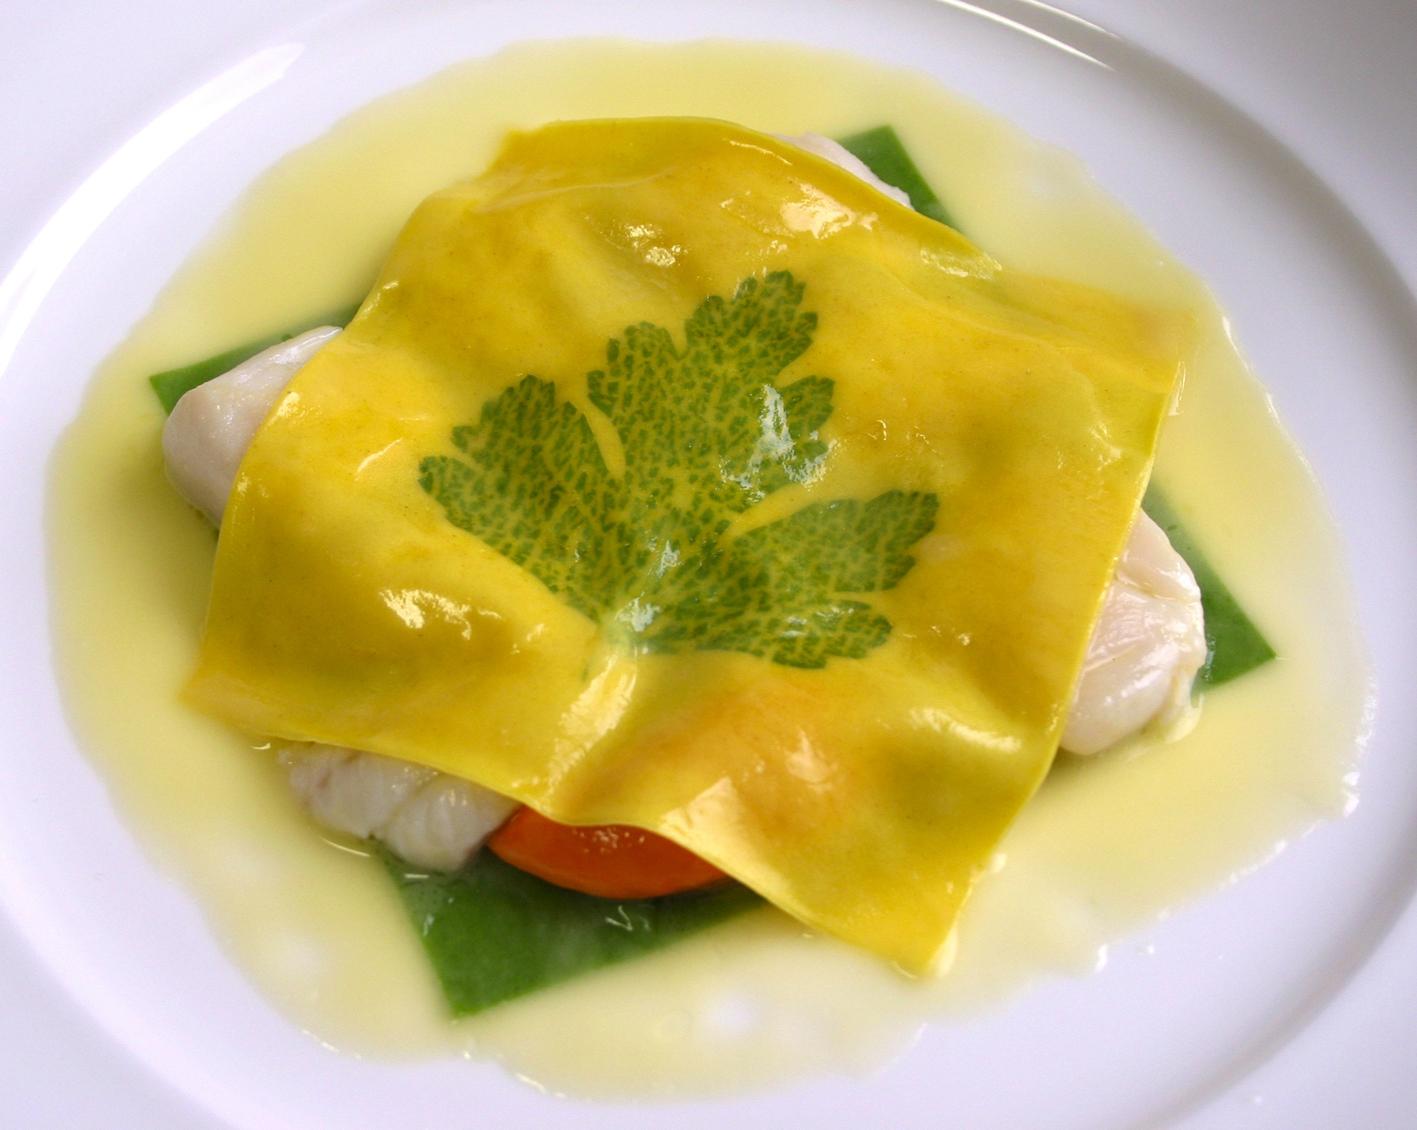 Il Raviolo Aperto, one of Gualtiero Marchesi's most famous dishes.